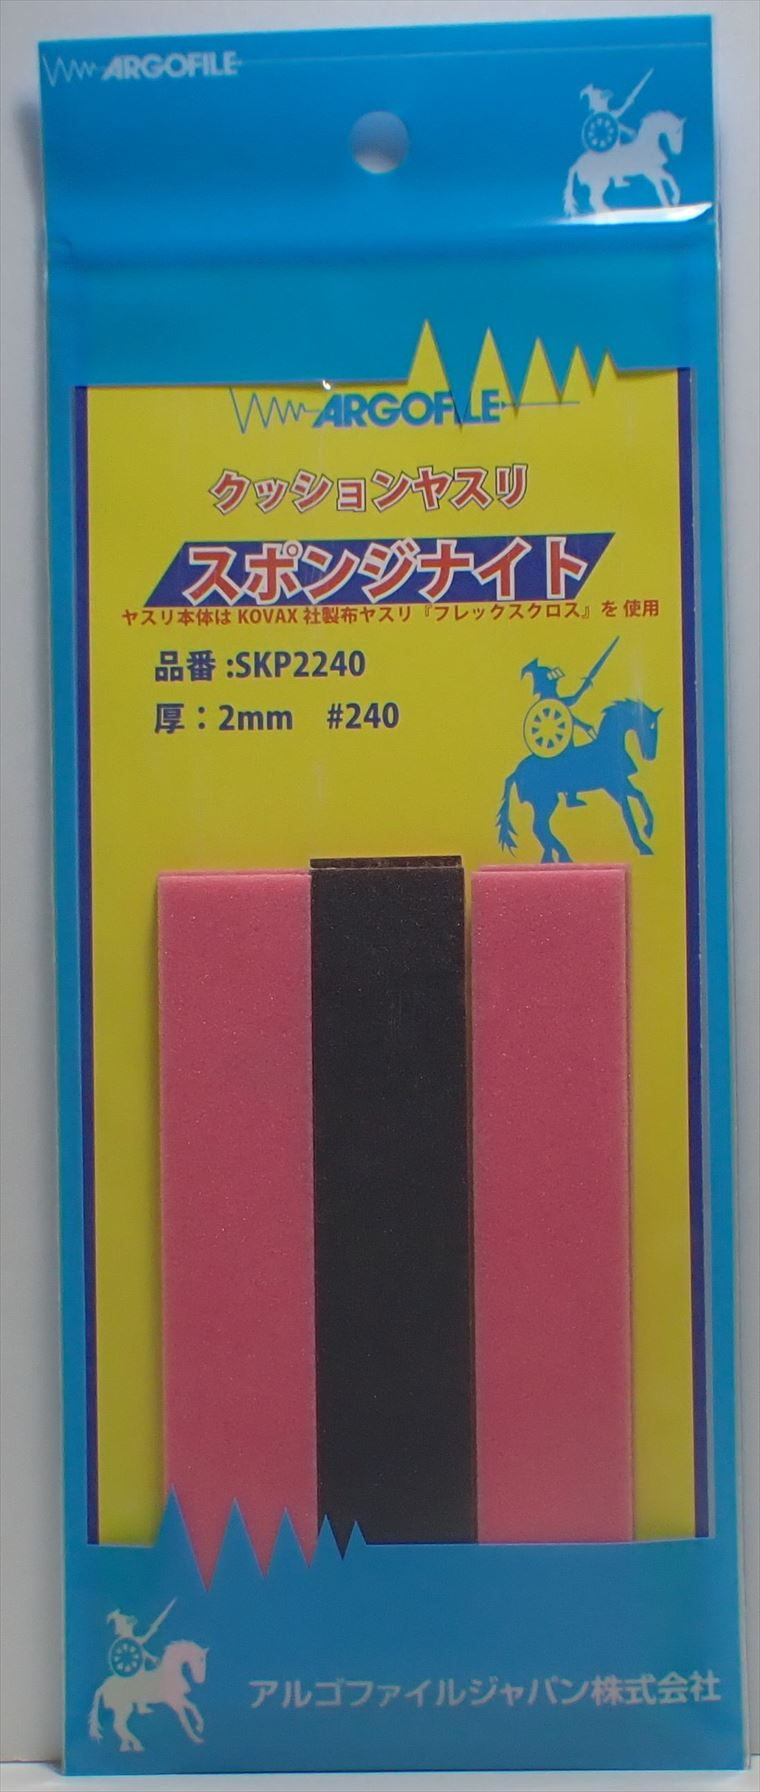 SKP2240 スポンジナイト 厚さ2mm #240   《ARGOFILE》